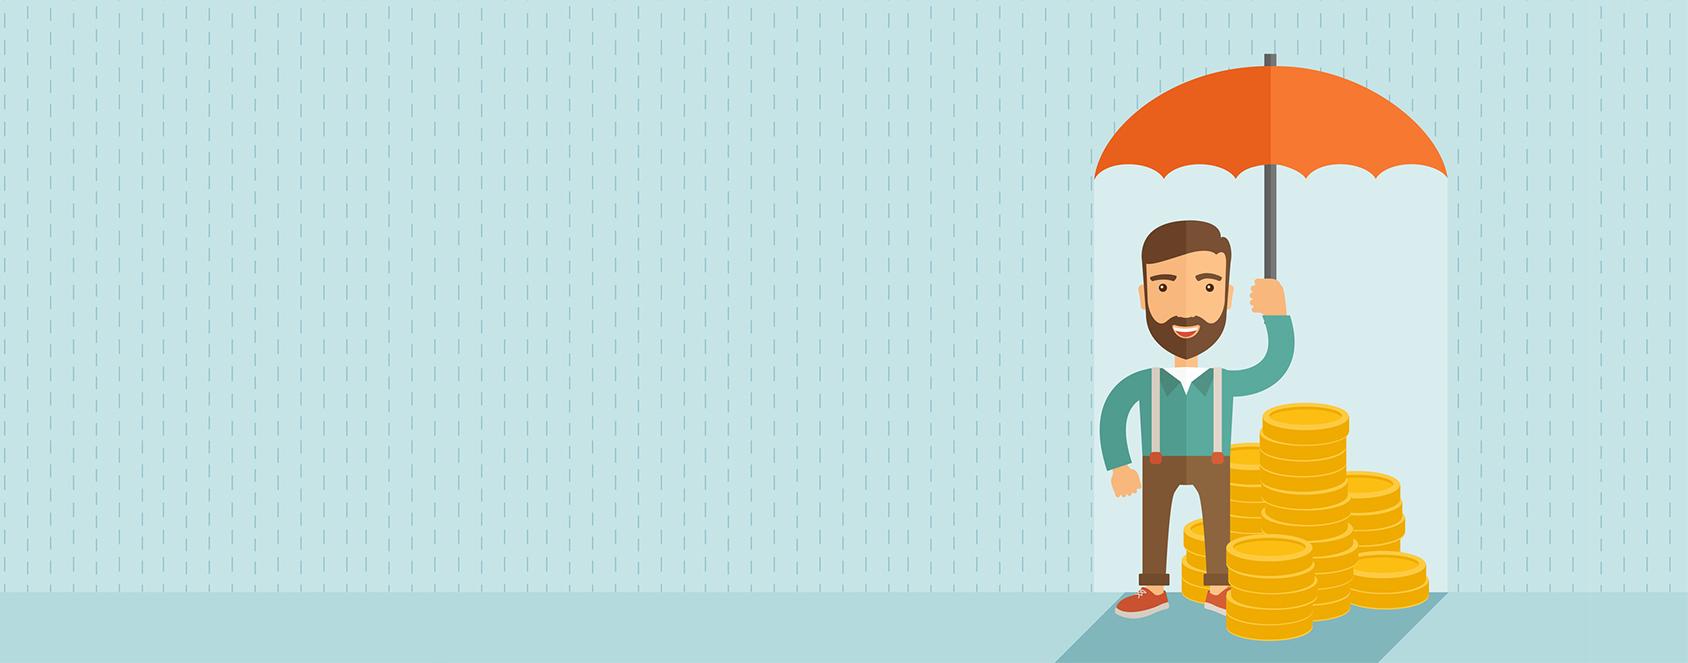 Wie funktioniert eine Wetterversicherung?